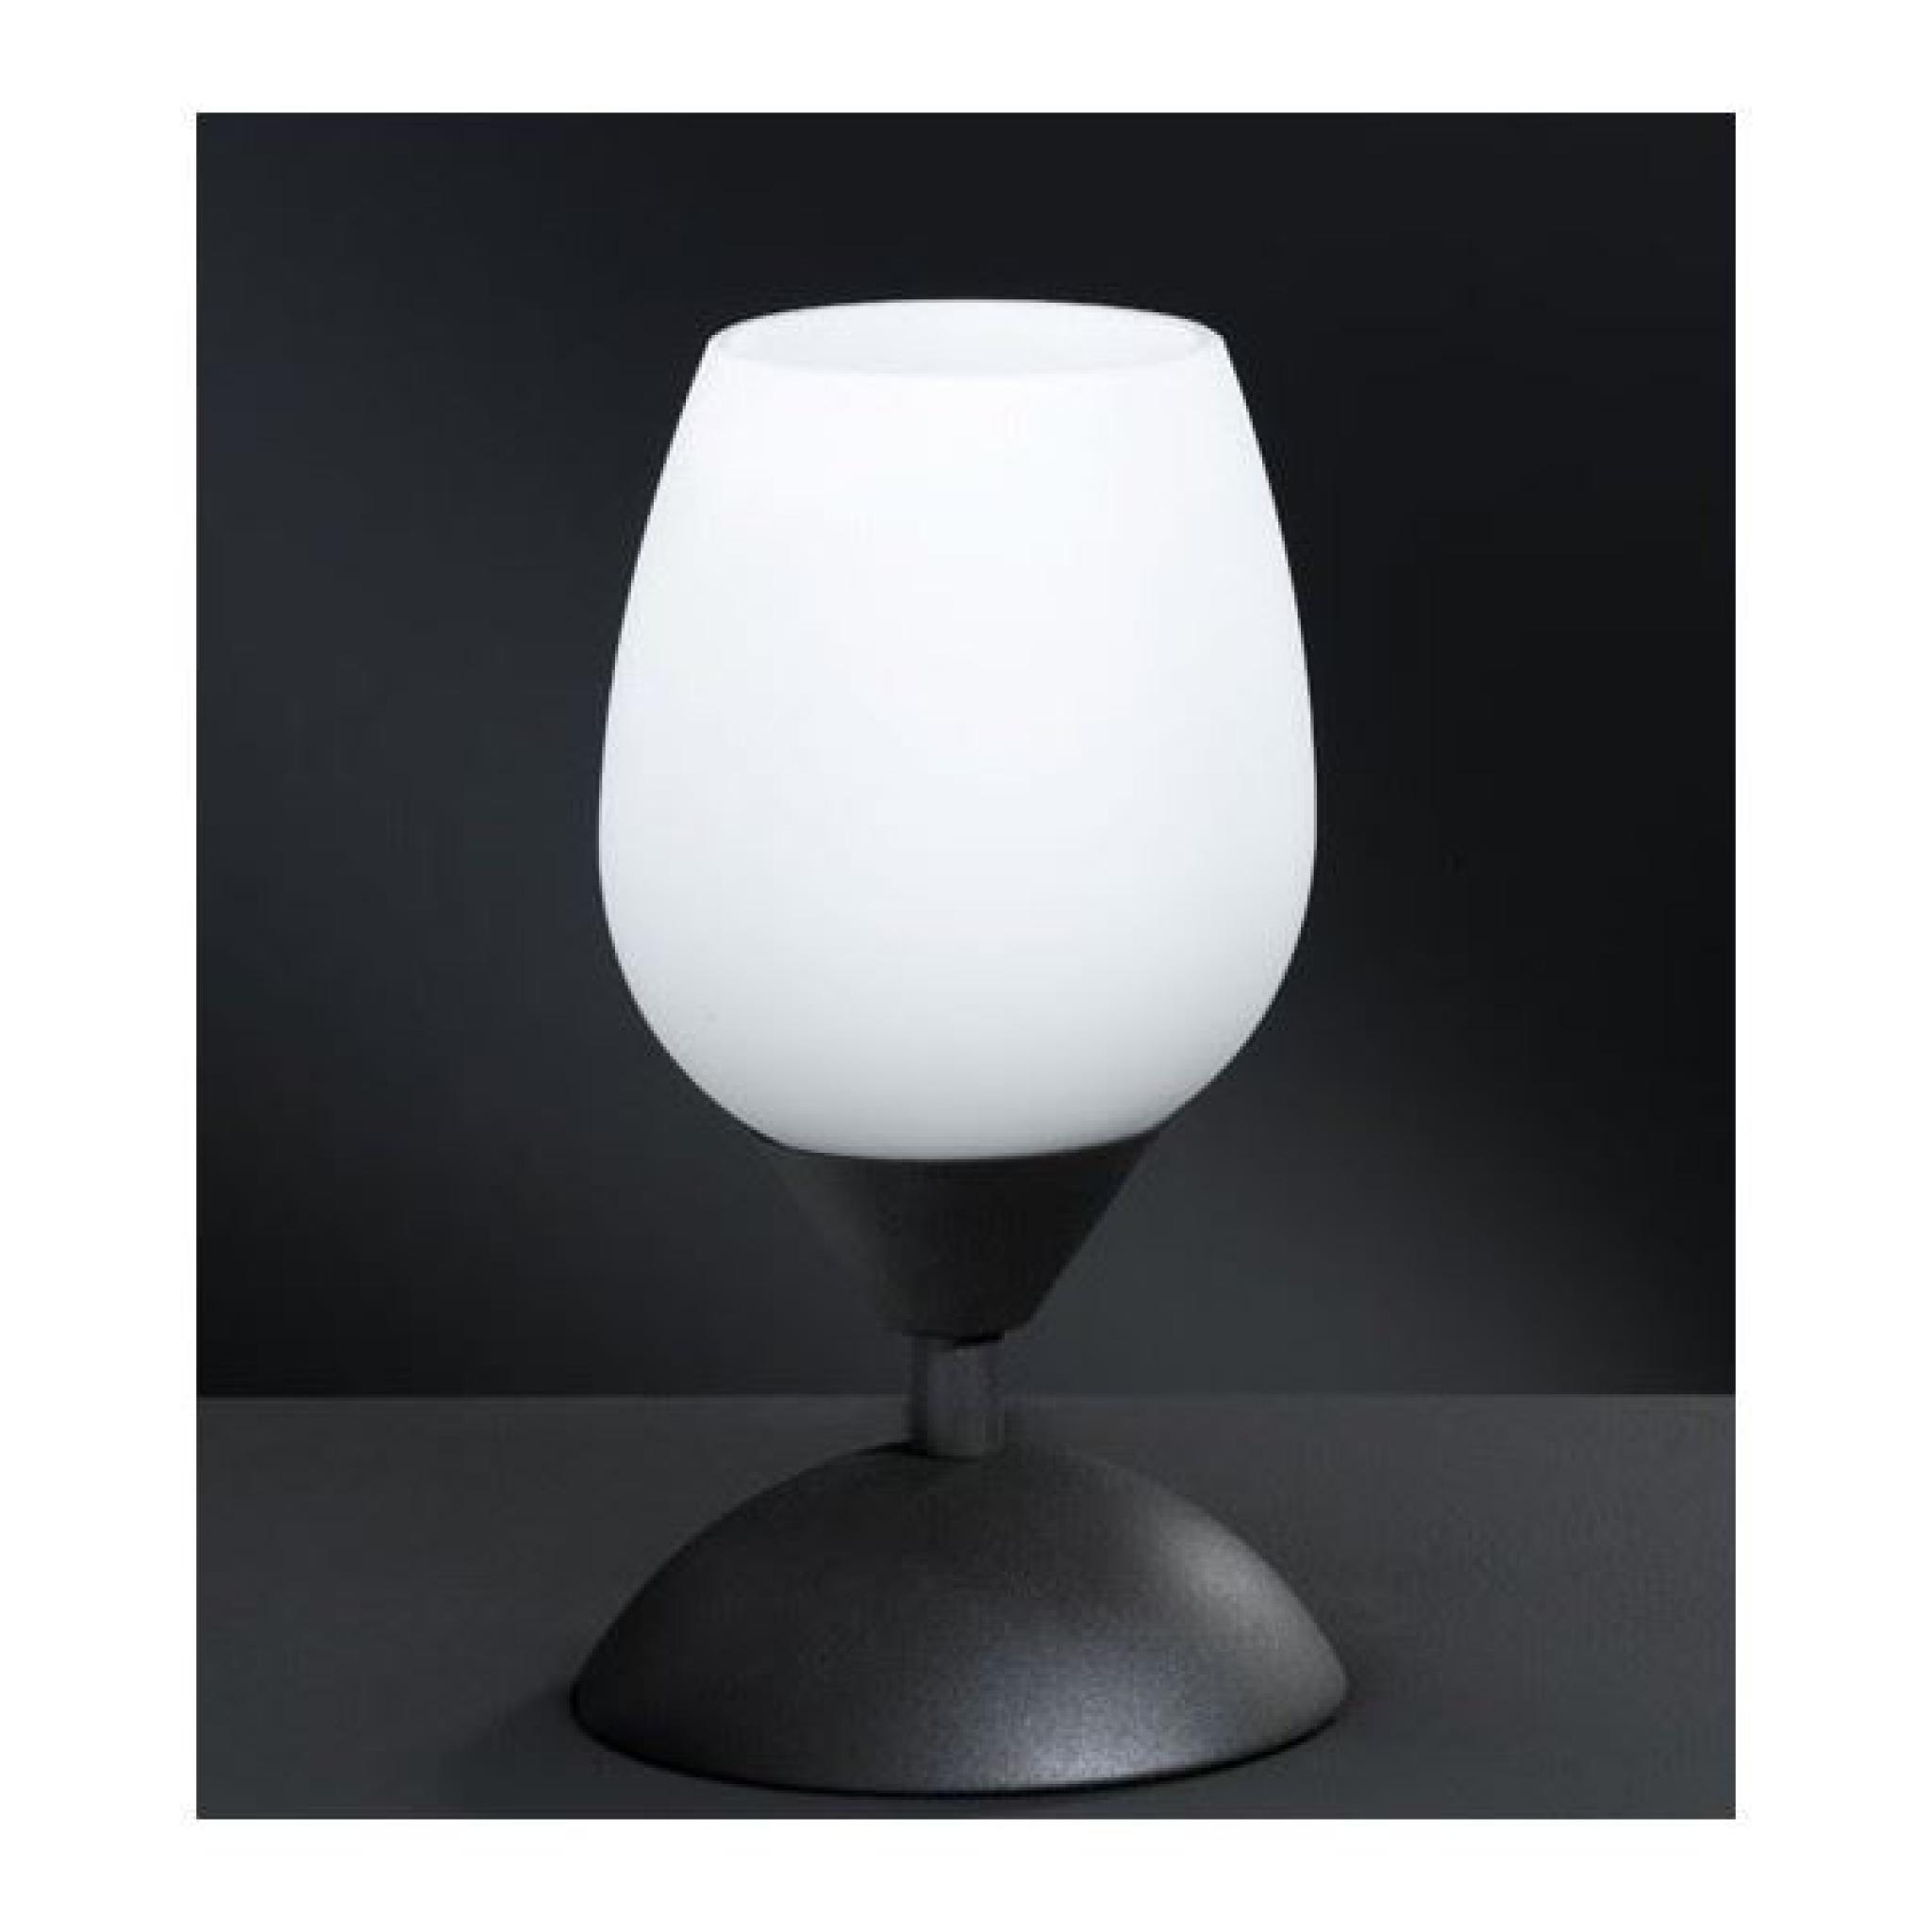 Et Tactile Chevet Noir Lampe Blanc kOPuZiTX